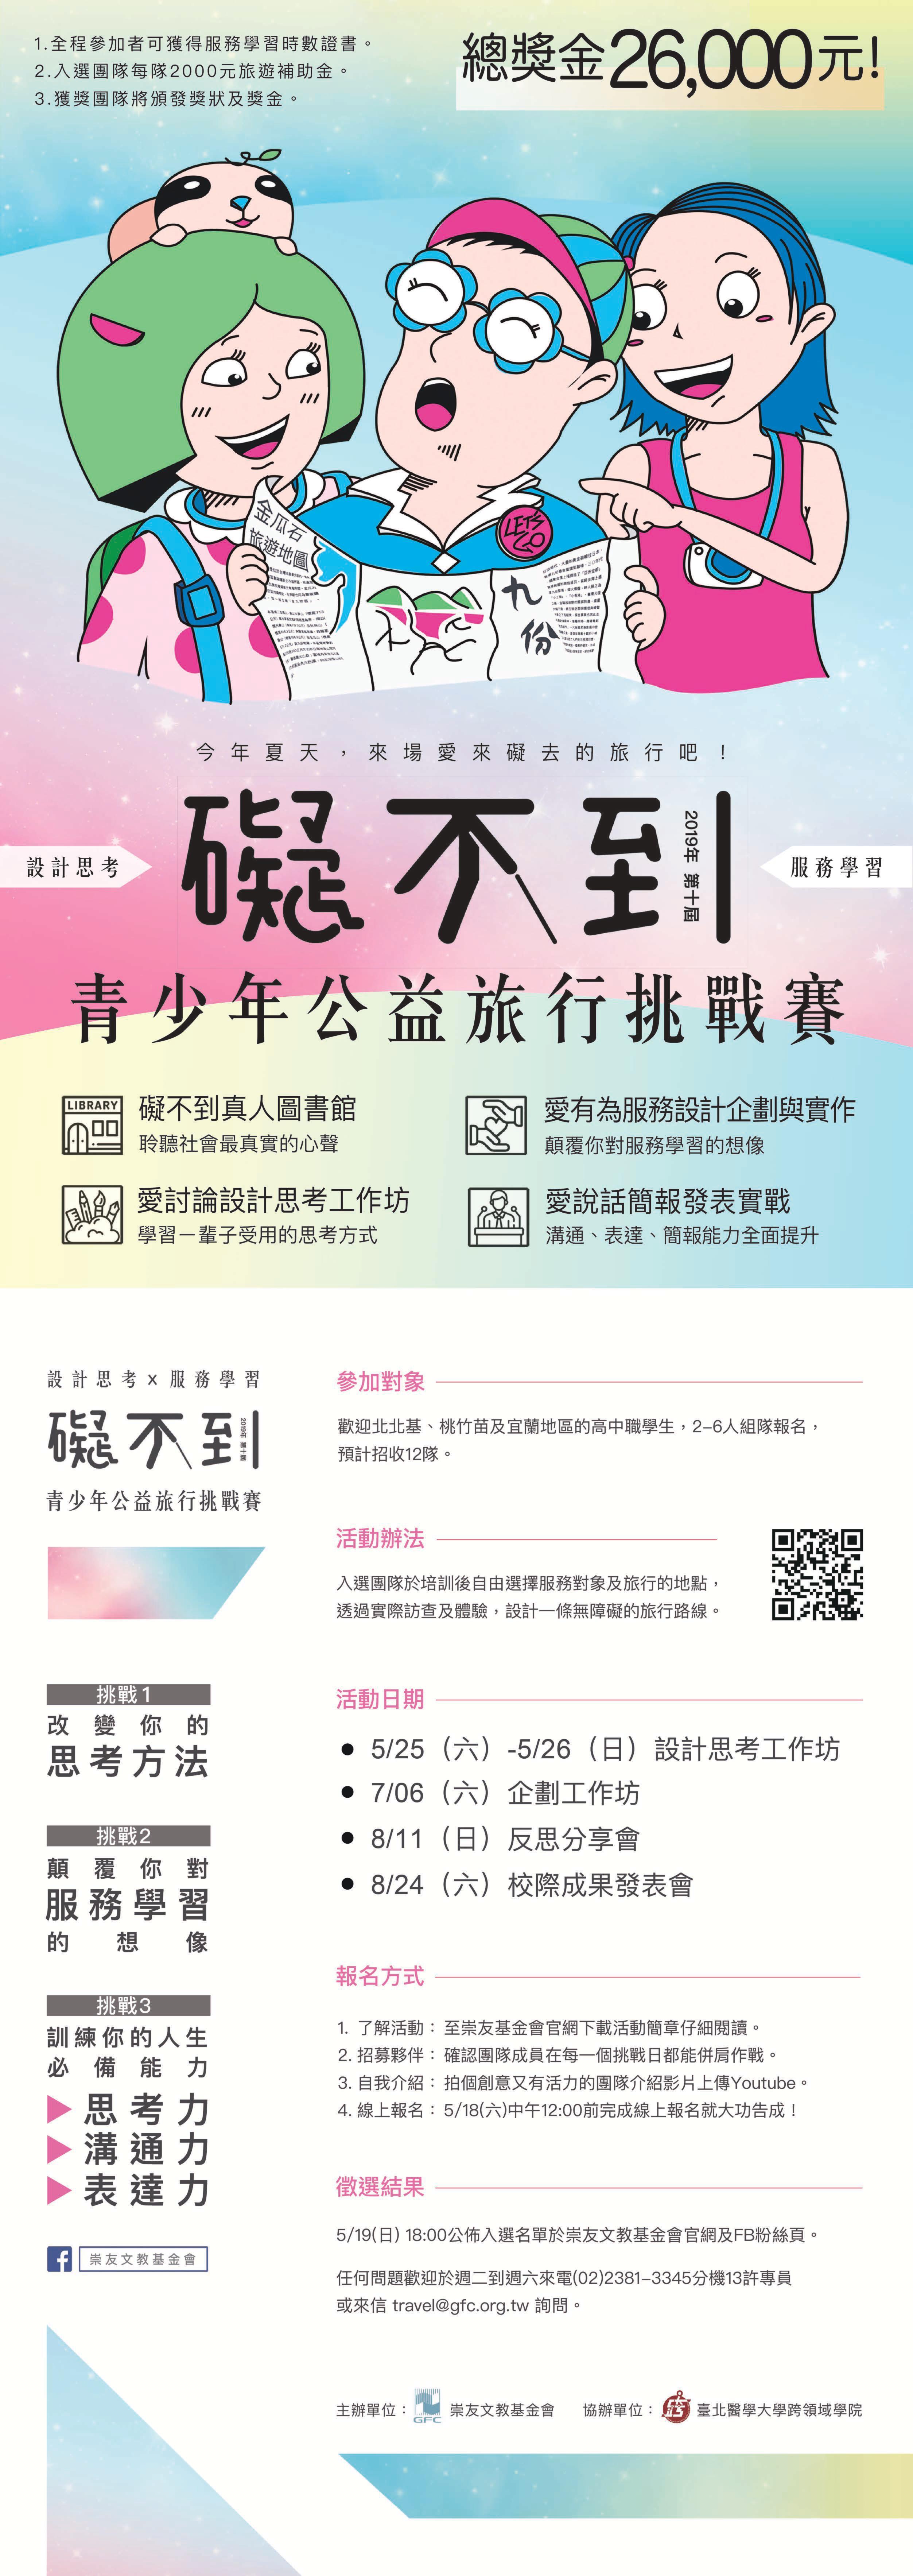 轉知:崇友基金會「公益旅行挑戰賽」活動(免費報名)